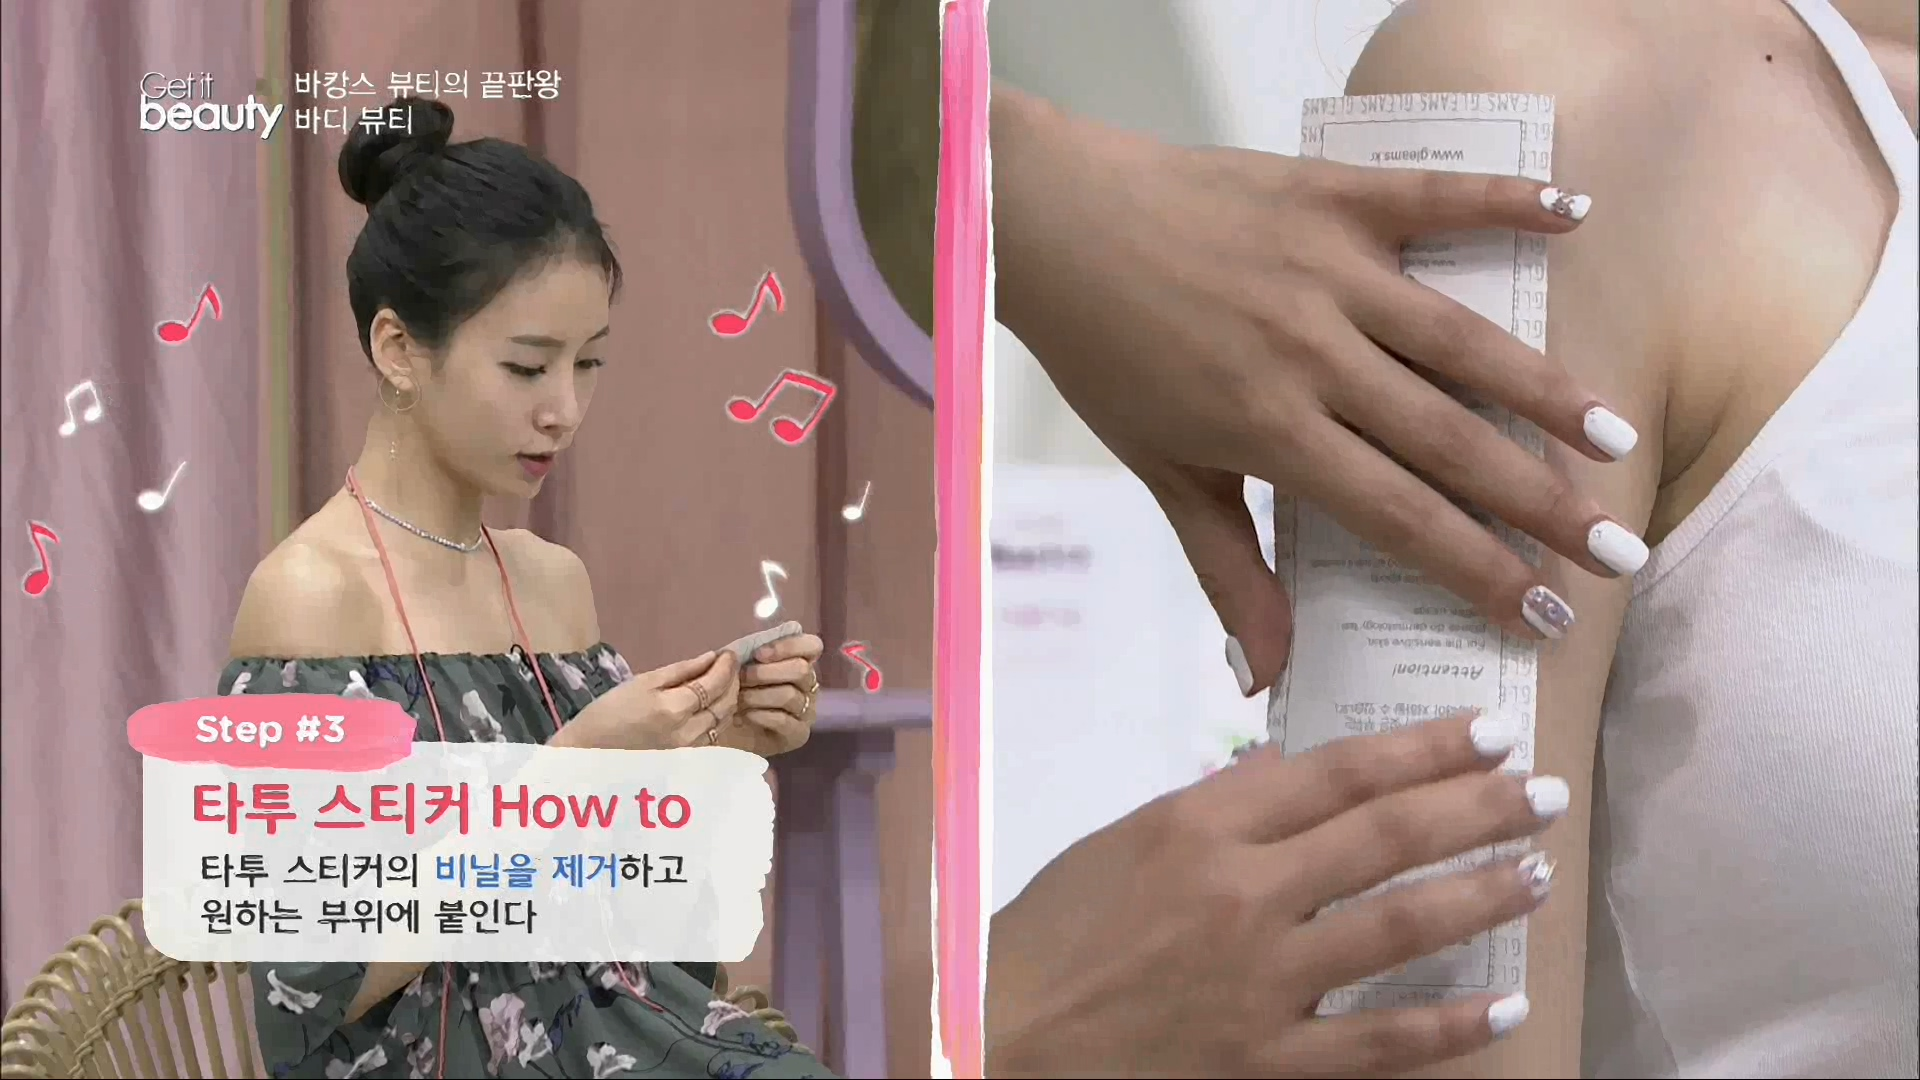 타투 스티커 How to. 타투 스티커의 비닐을 제거하고 원하는 부위에 붙인다.